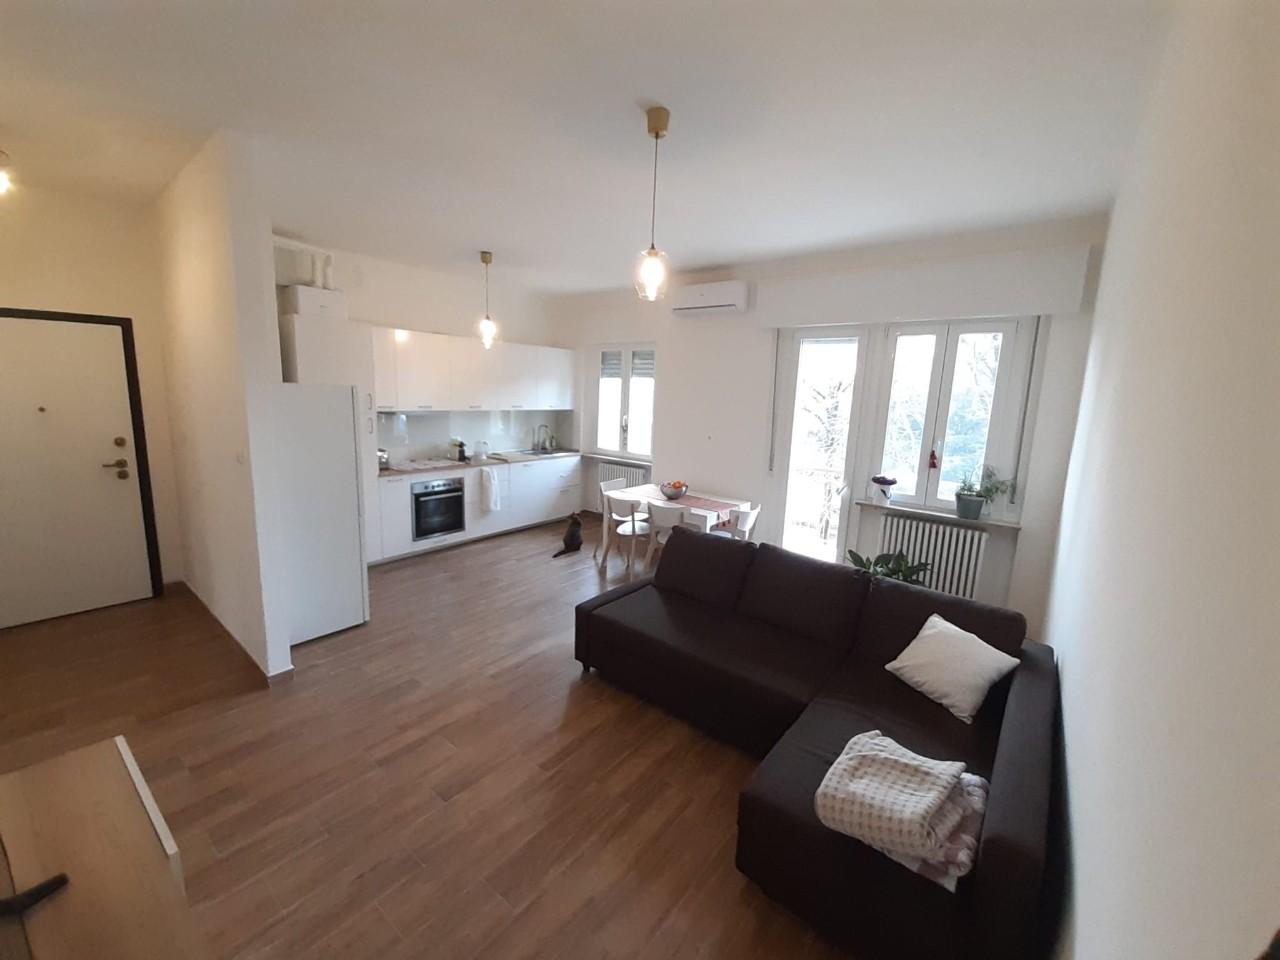 Appartamento in vendita Forli Via Ravegnana